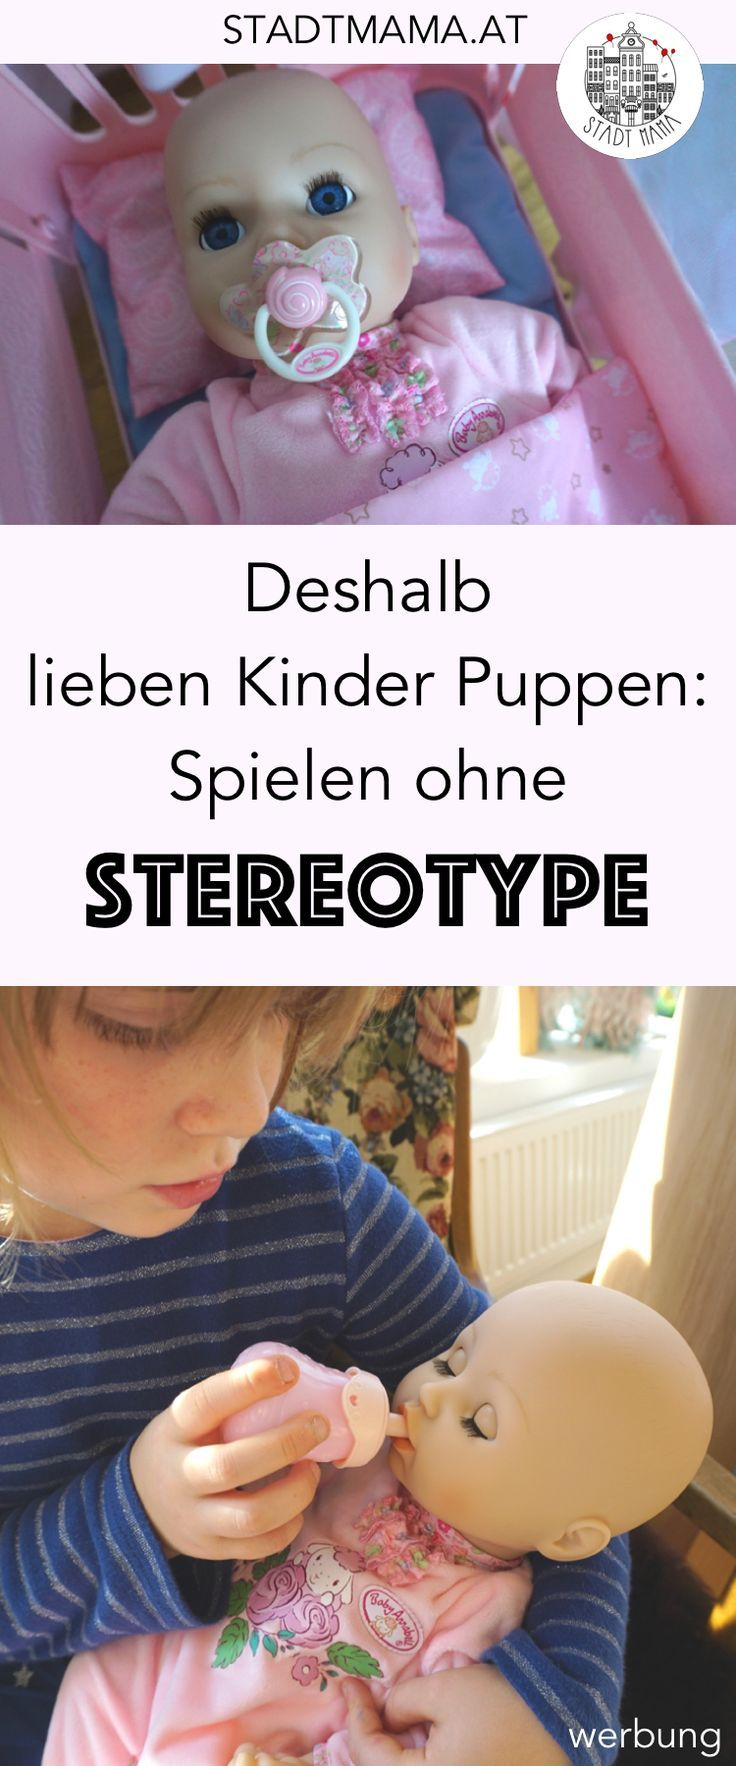 Bagger sind für Buben und Puppen nur für Mädchen? Weshalb alle Kinder gerne mit Puppen spielen sollen dürfen und was sie dabei lernen. Ganz ohne stereotype Rollenbilder. #spielen #mamablogger_at #mamablogger_de #stadtmama #puppen #babyannabell #spielzeug